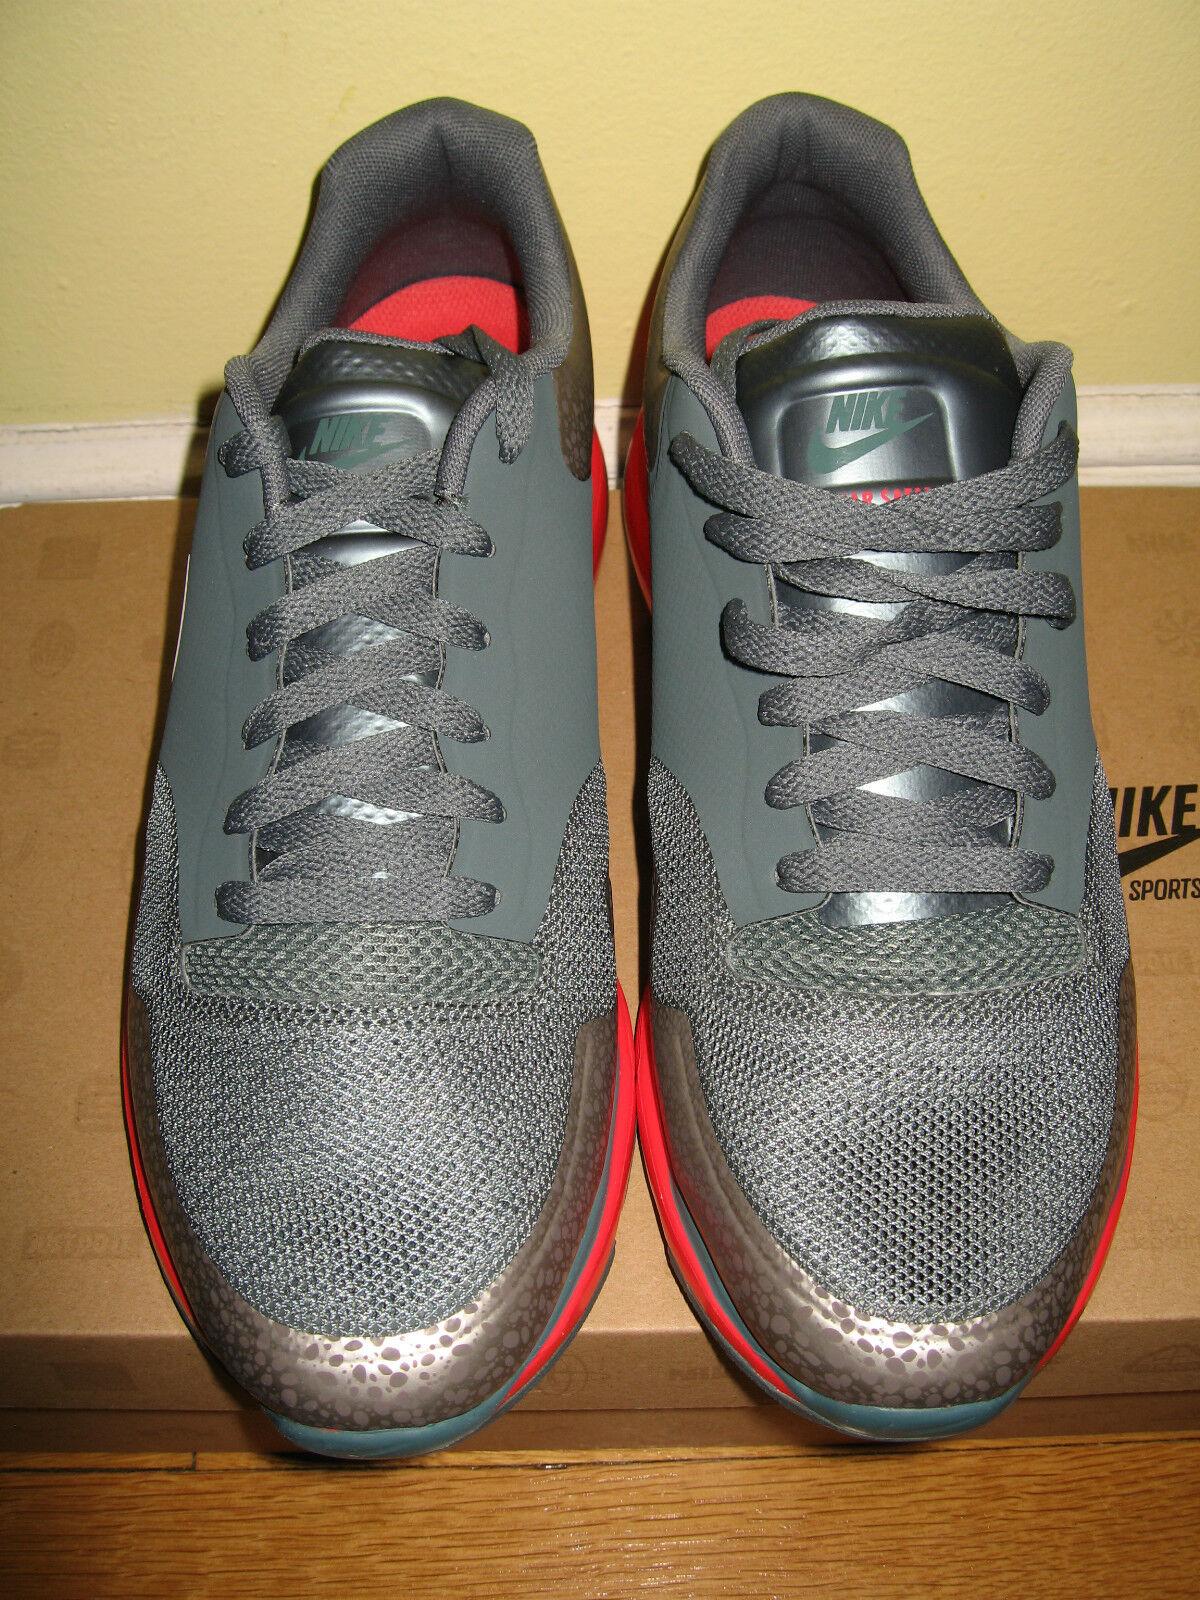 New Mens NIKE Lunar Safari Fuse+ Casual Running Sneakers Size 9.5